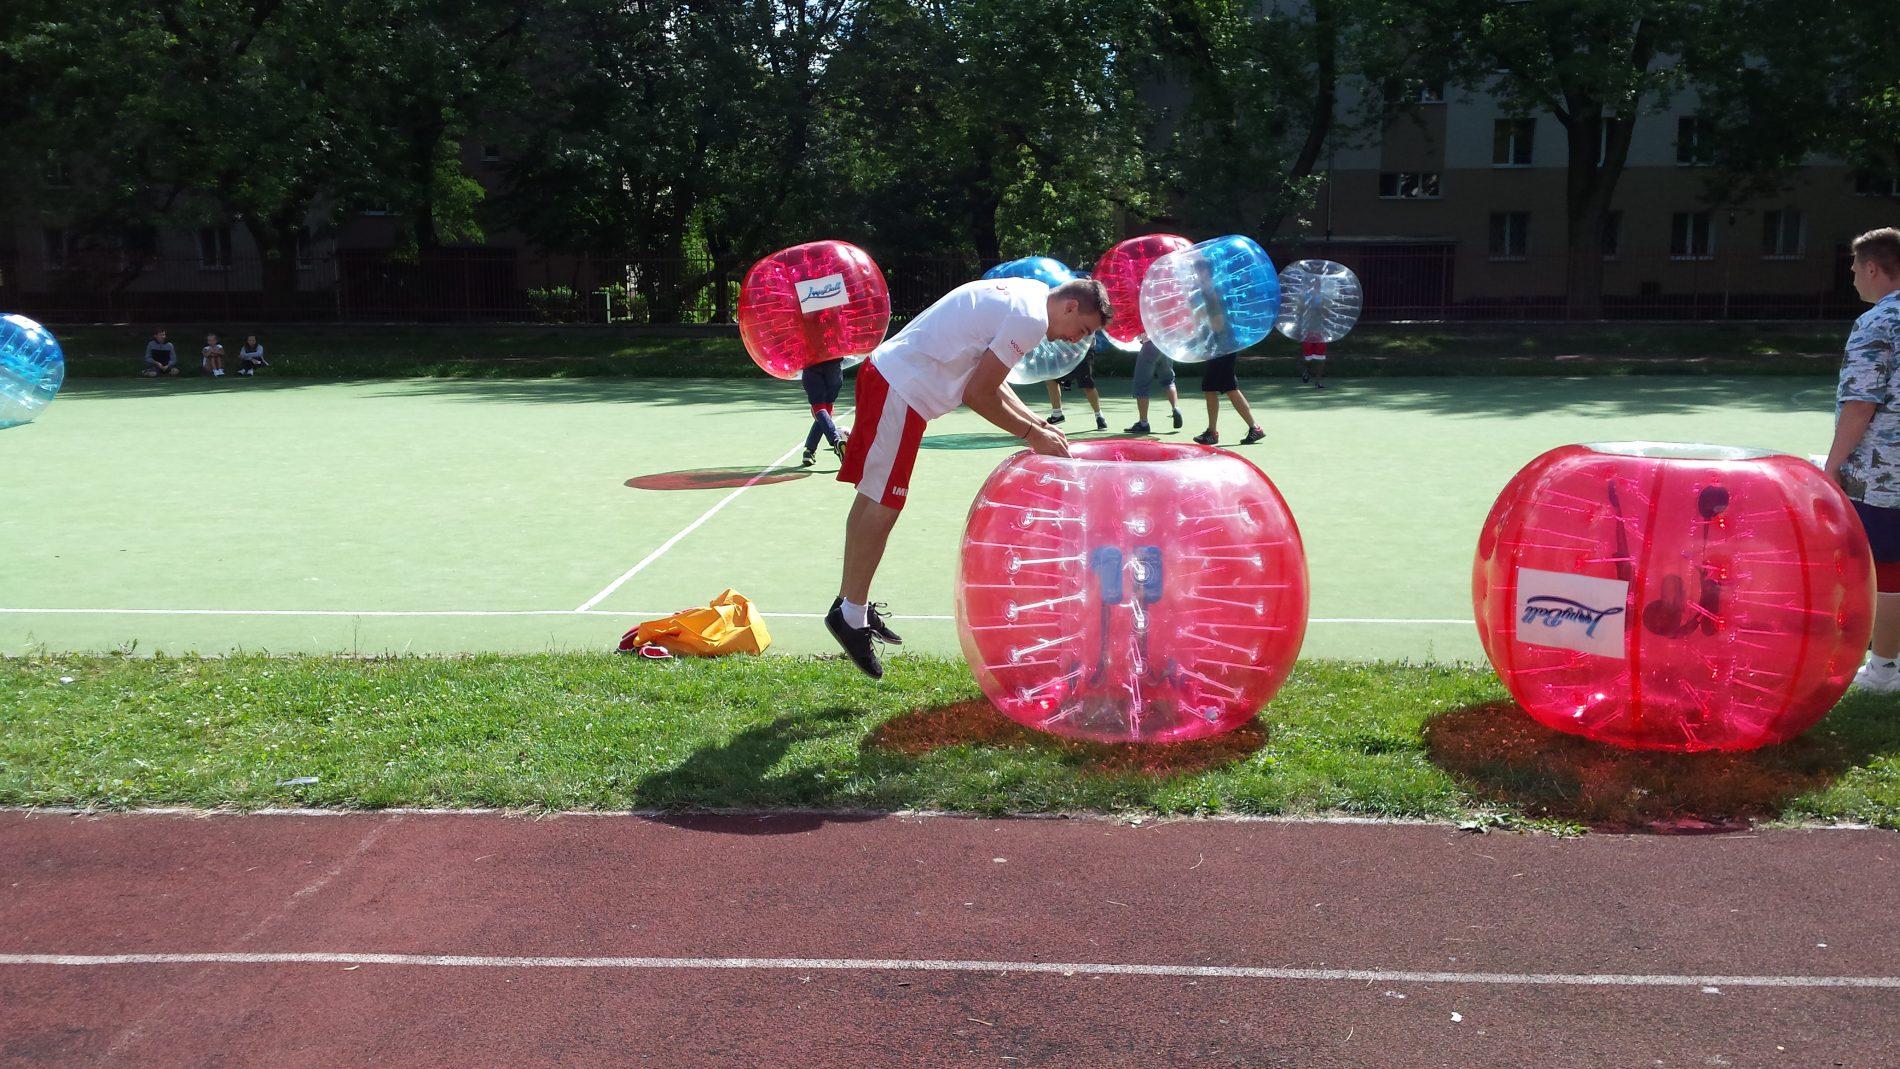 Dzień sportów innowacyjnych w Warszawie